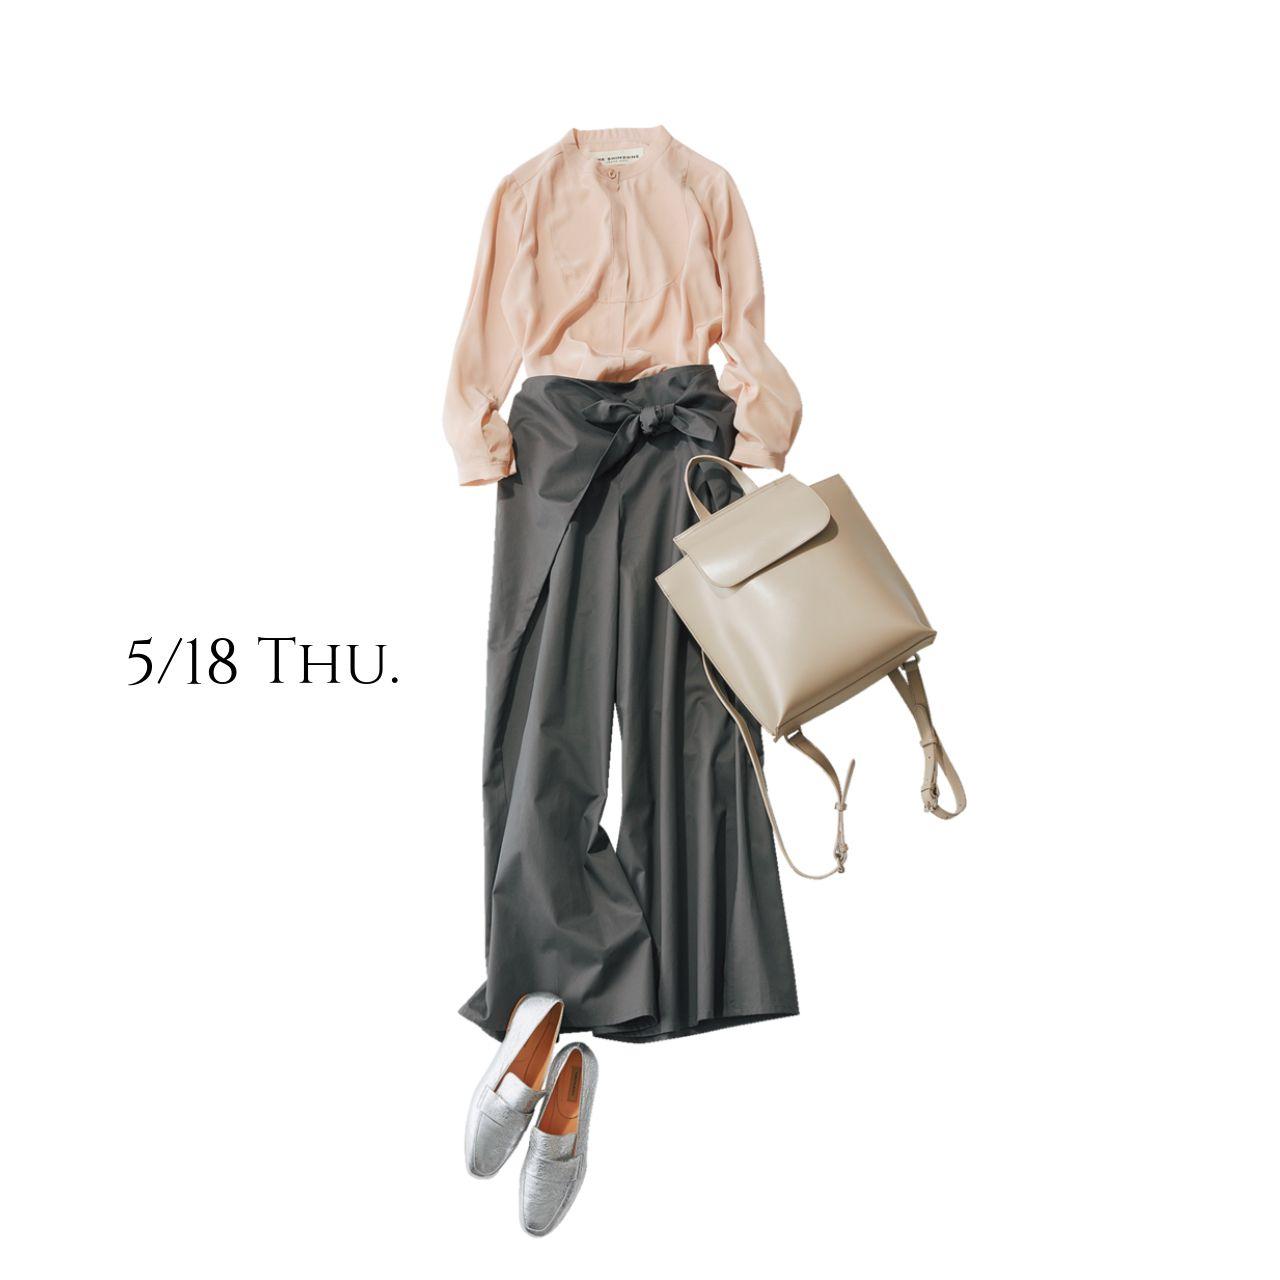 春の健康診断 スタンドカラーのブラウスで背筋も気持ちもシャキッとmarisol Online 女っぷり上々 40代をもっとキレイに ミニマリストのファッション ファッション モテ ファッション